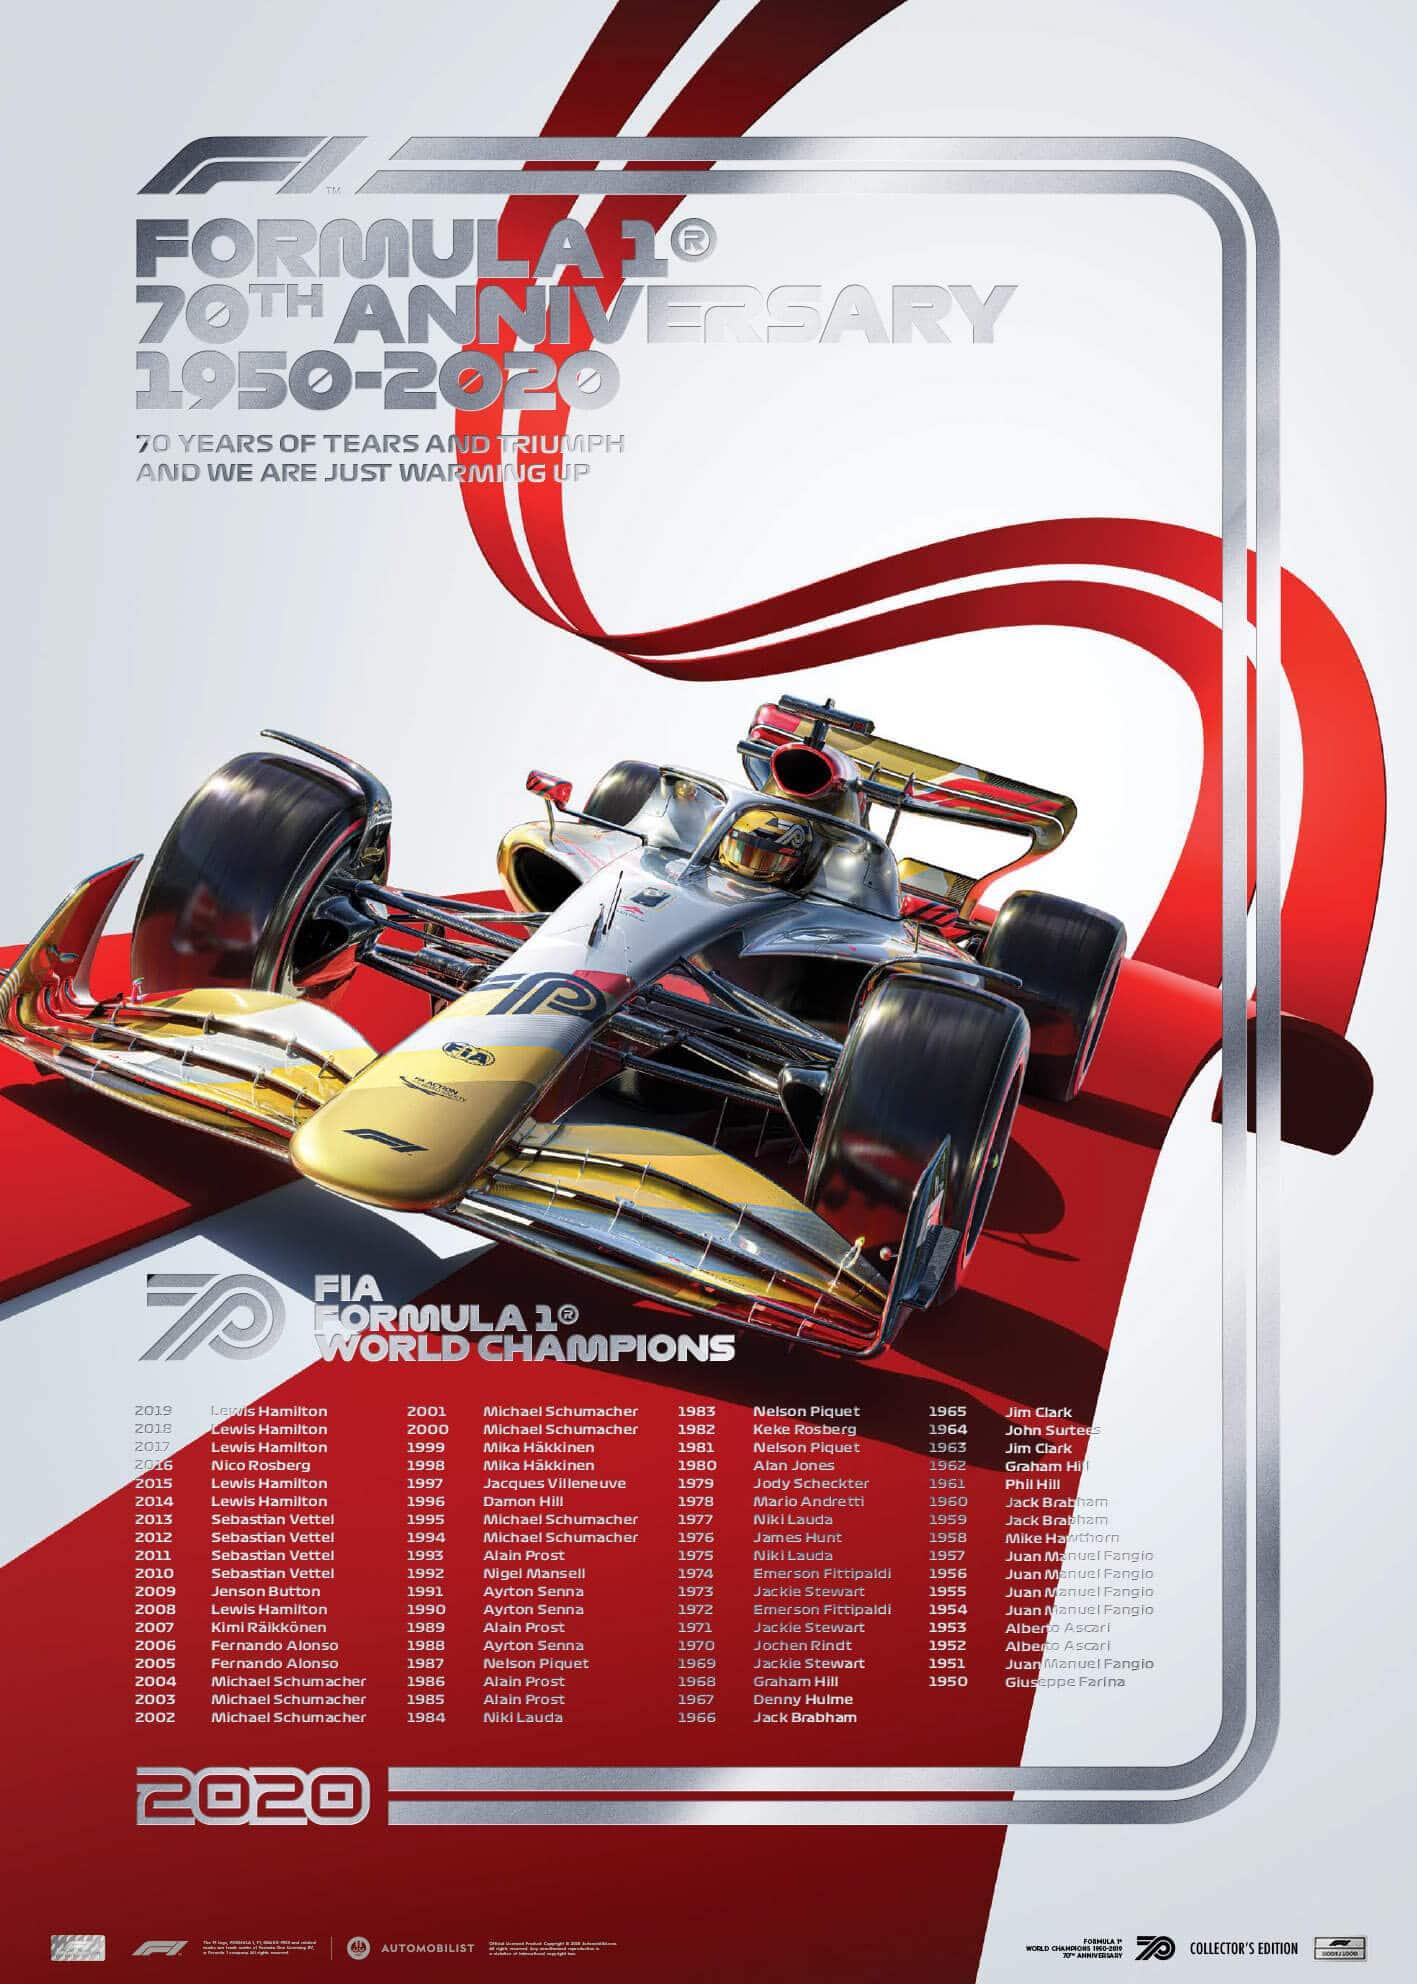 FIA FORMULA 1® WORLD CHAMPIONS 1950-2019 – 70TH ANNIVERSARY   Collector's Edition